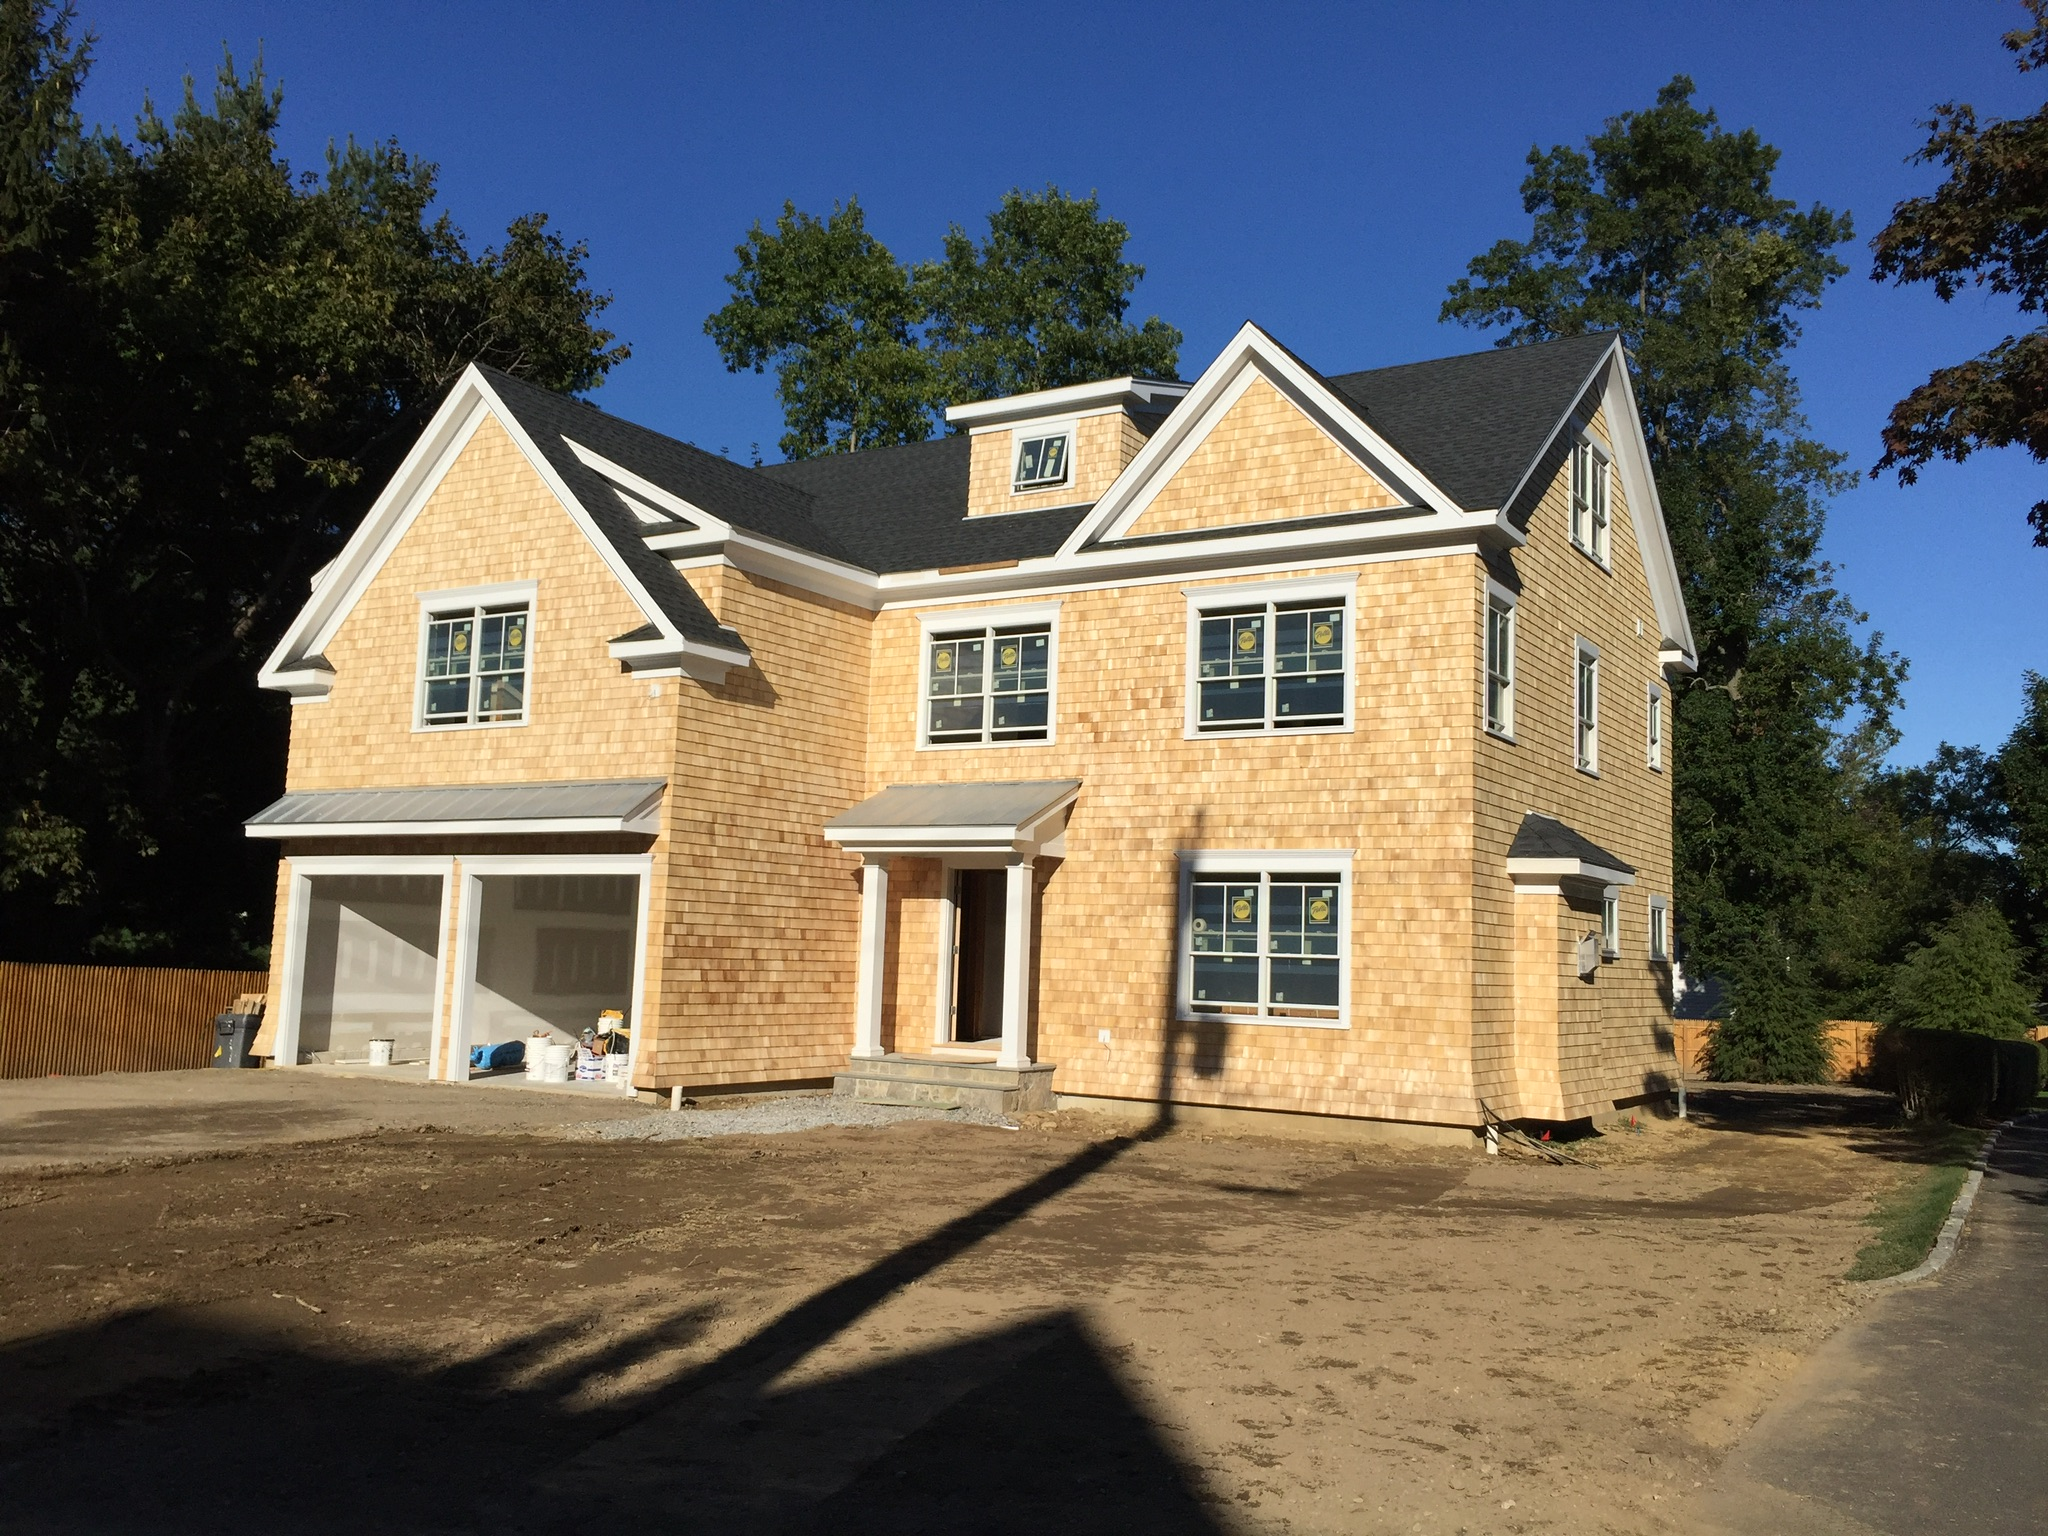 独户住宅 为 销售 在 New Construction 9 Colonial Road 韦斯特波特, 康涅狄格州, 06880 美国